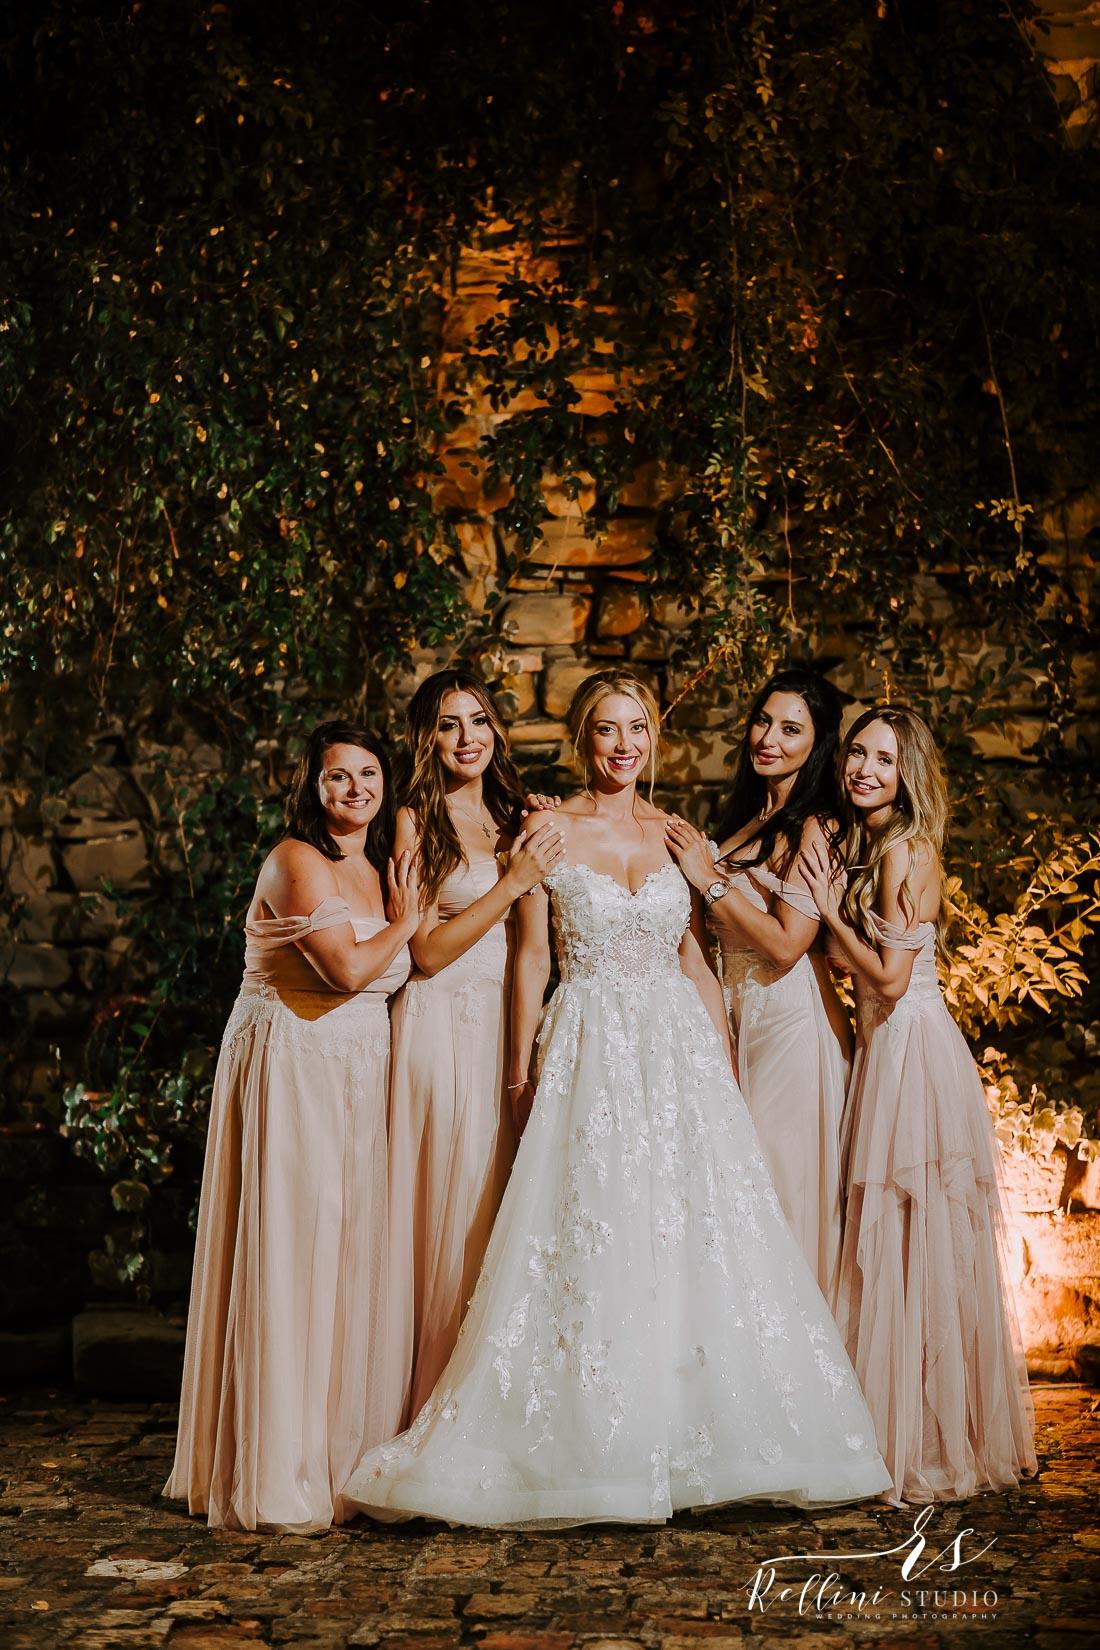 wedding castello di Rosciano 180.jpg